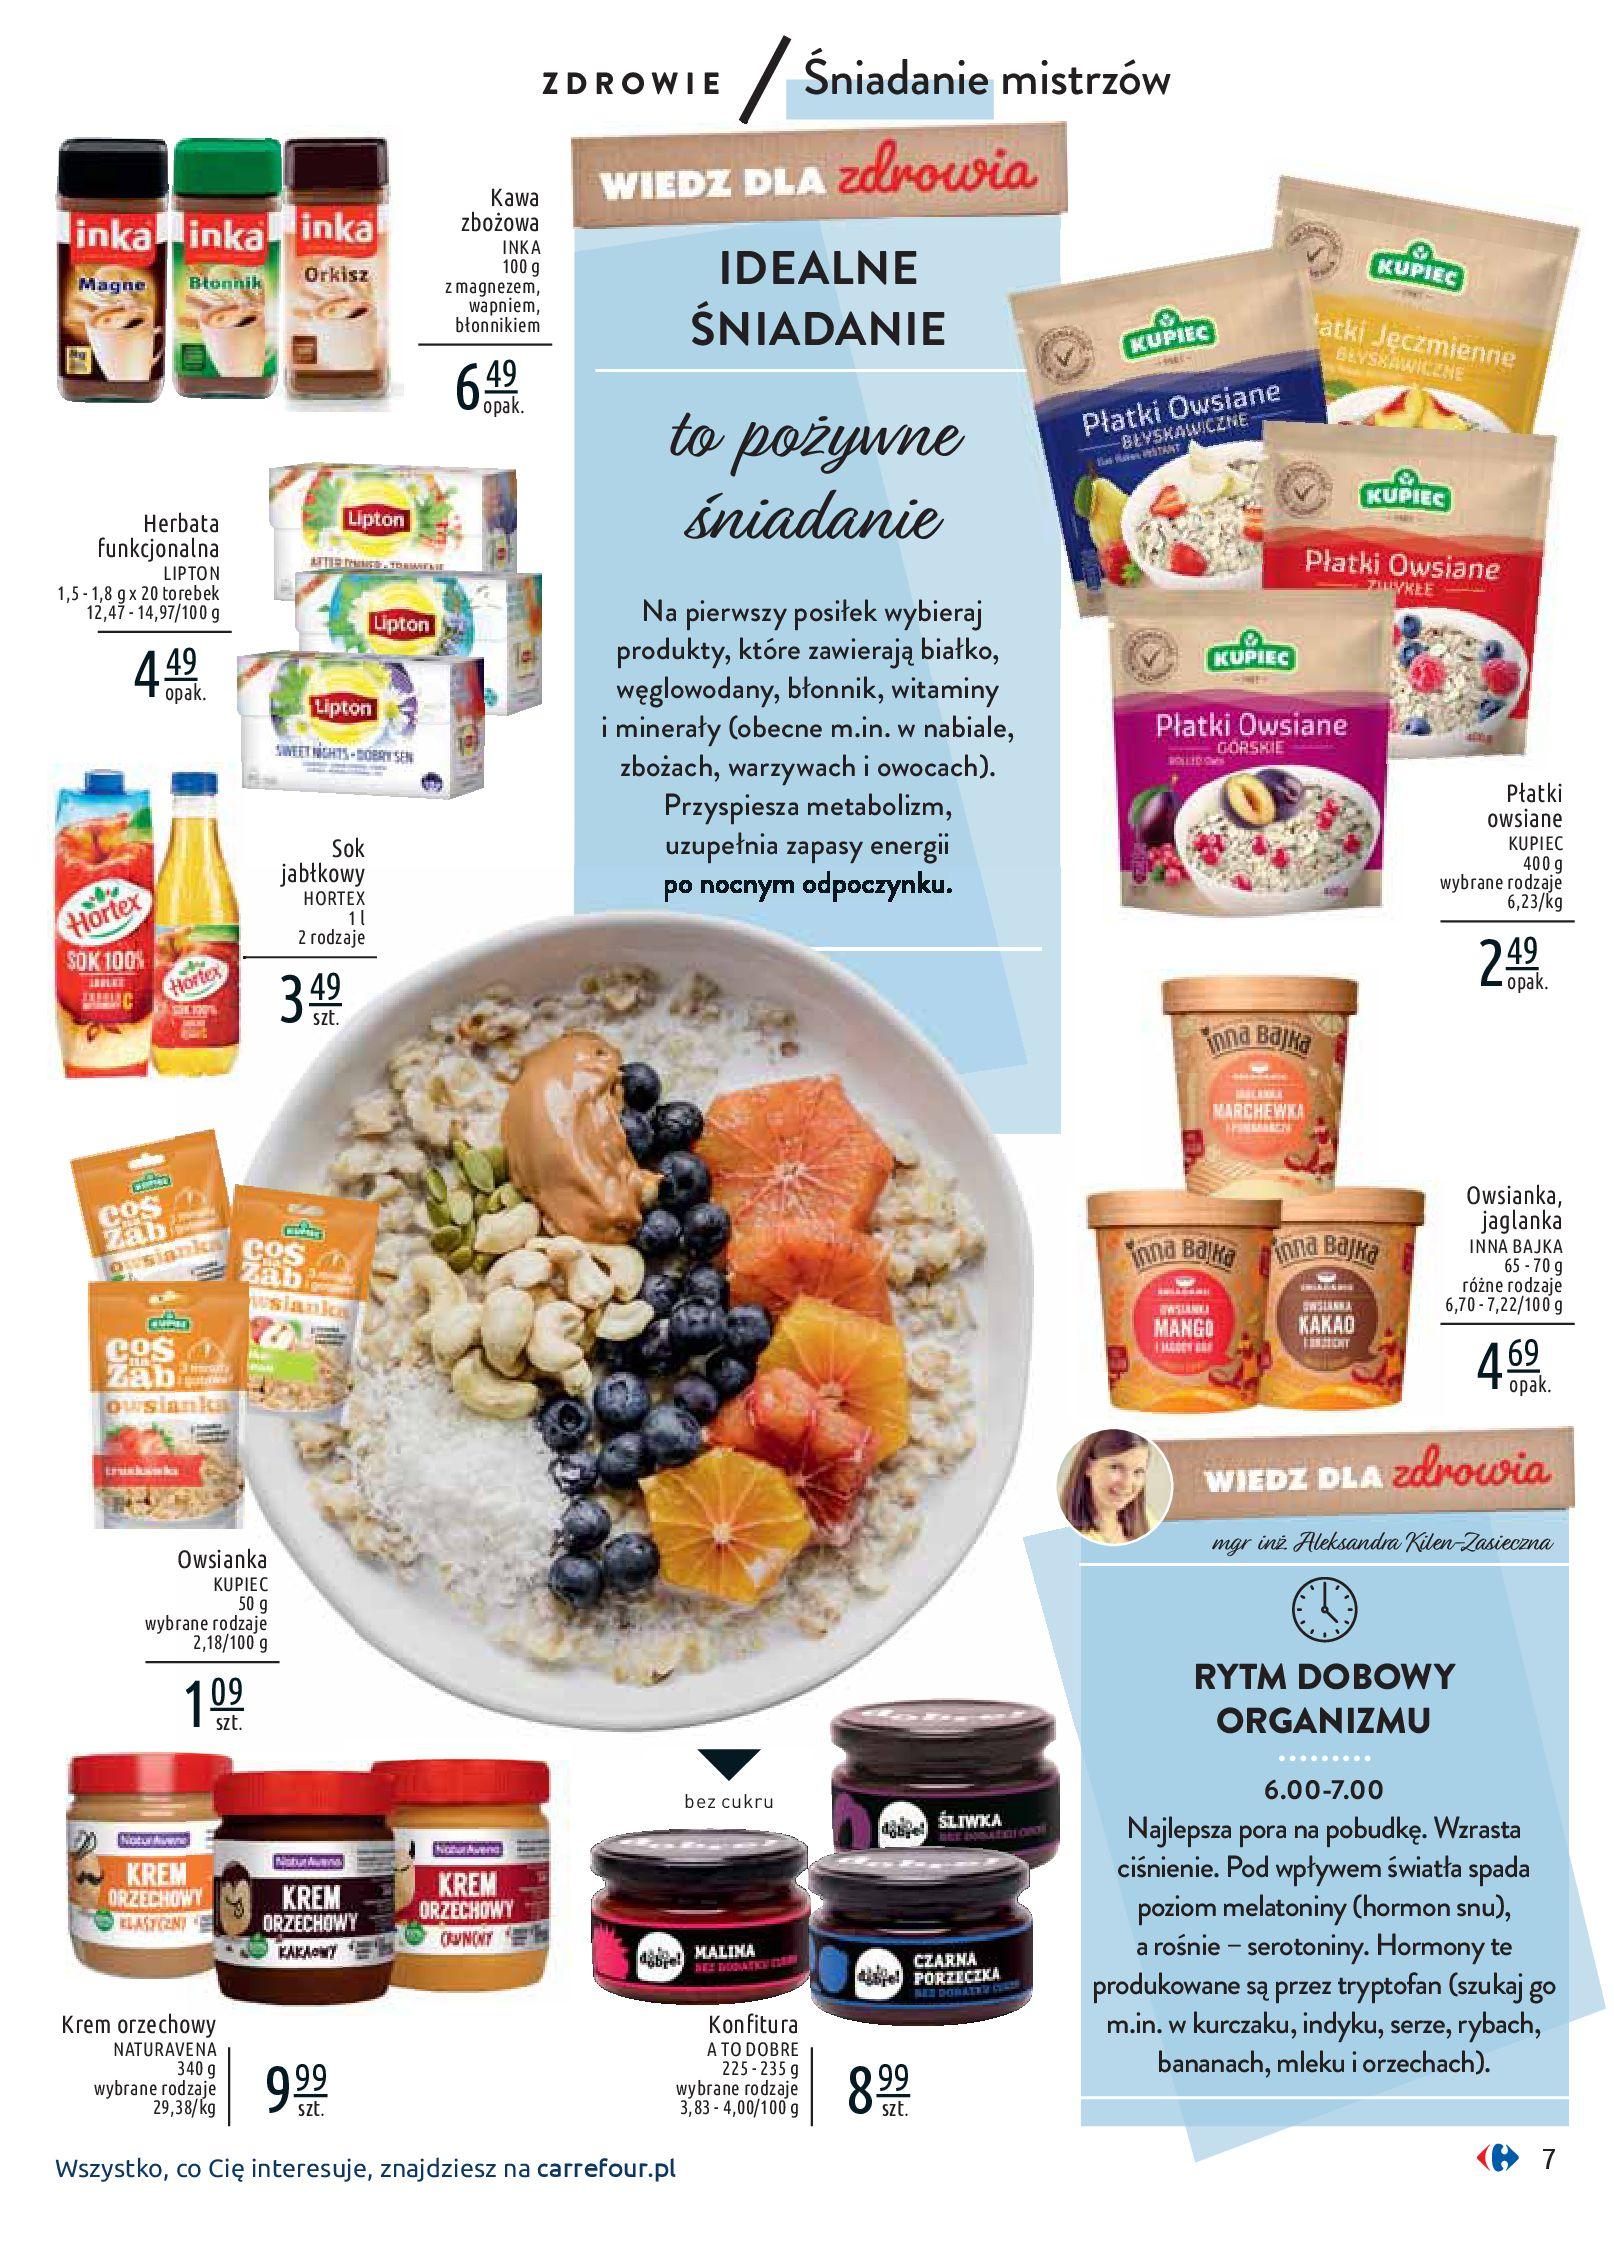 Gazetka Carrefour - Wiedz dla zdrowia-07.01.2020-18.01.2020-page-7